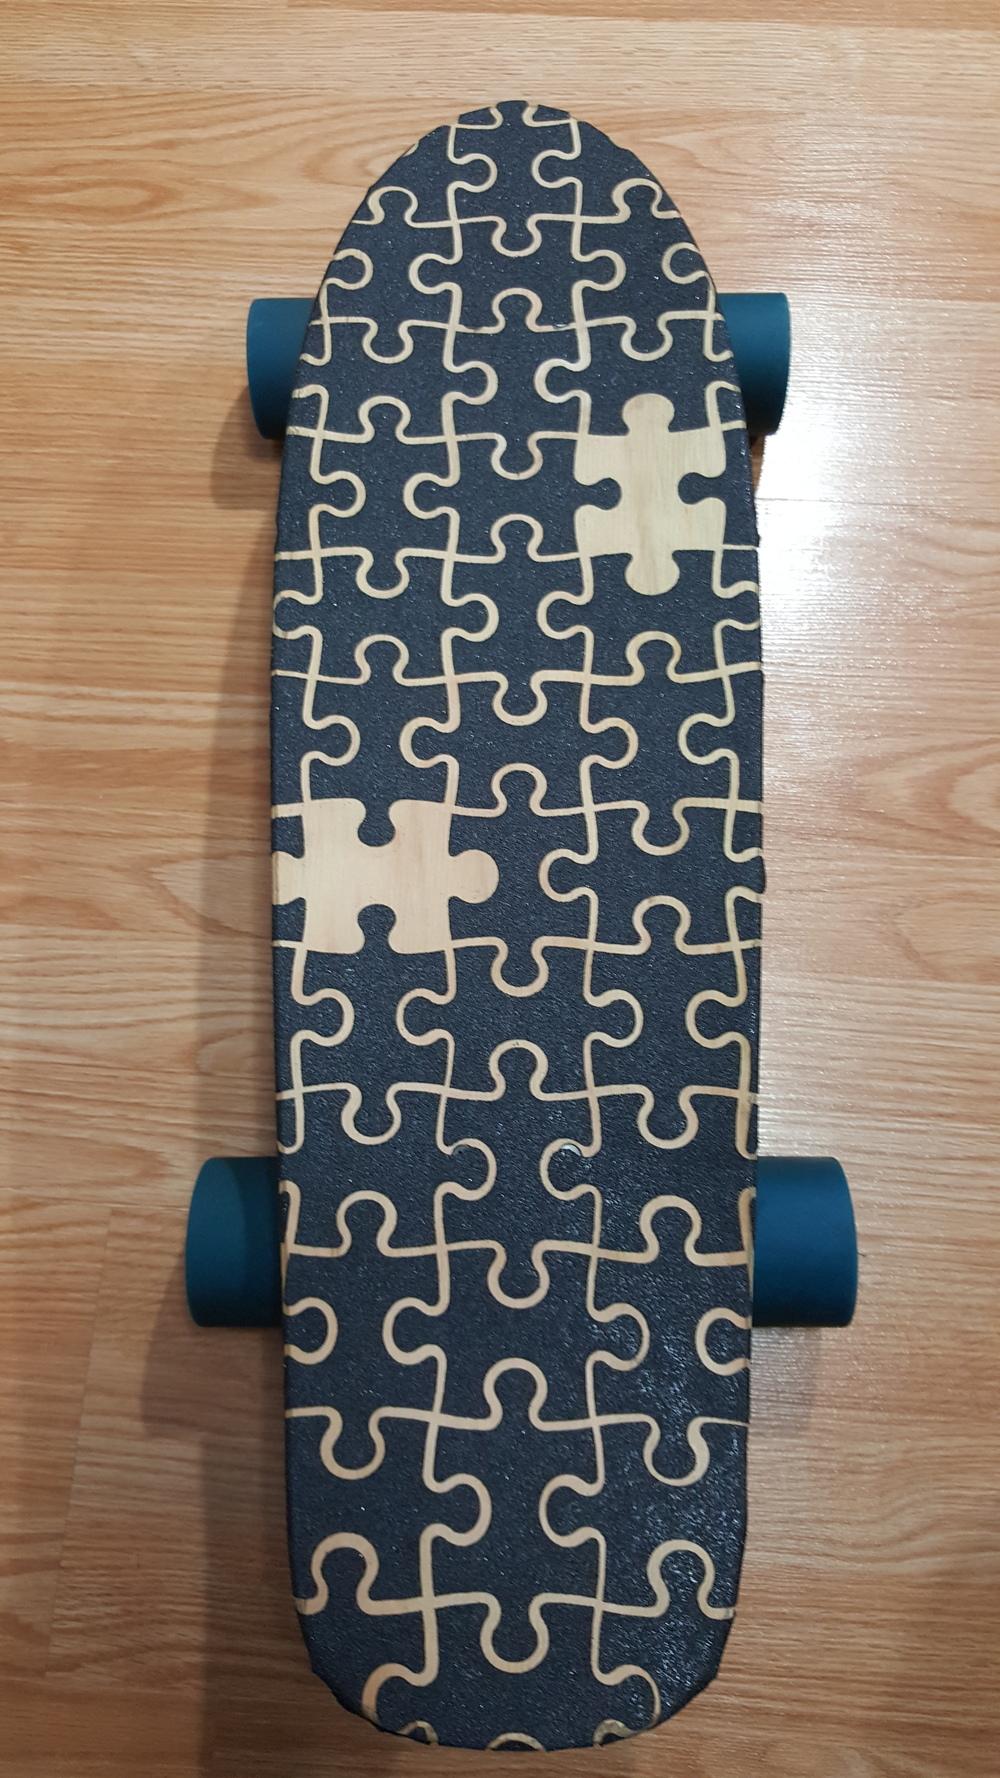 puzzlegriptape.jpg